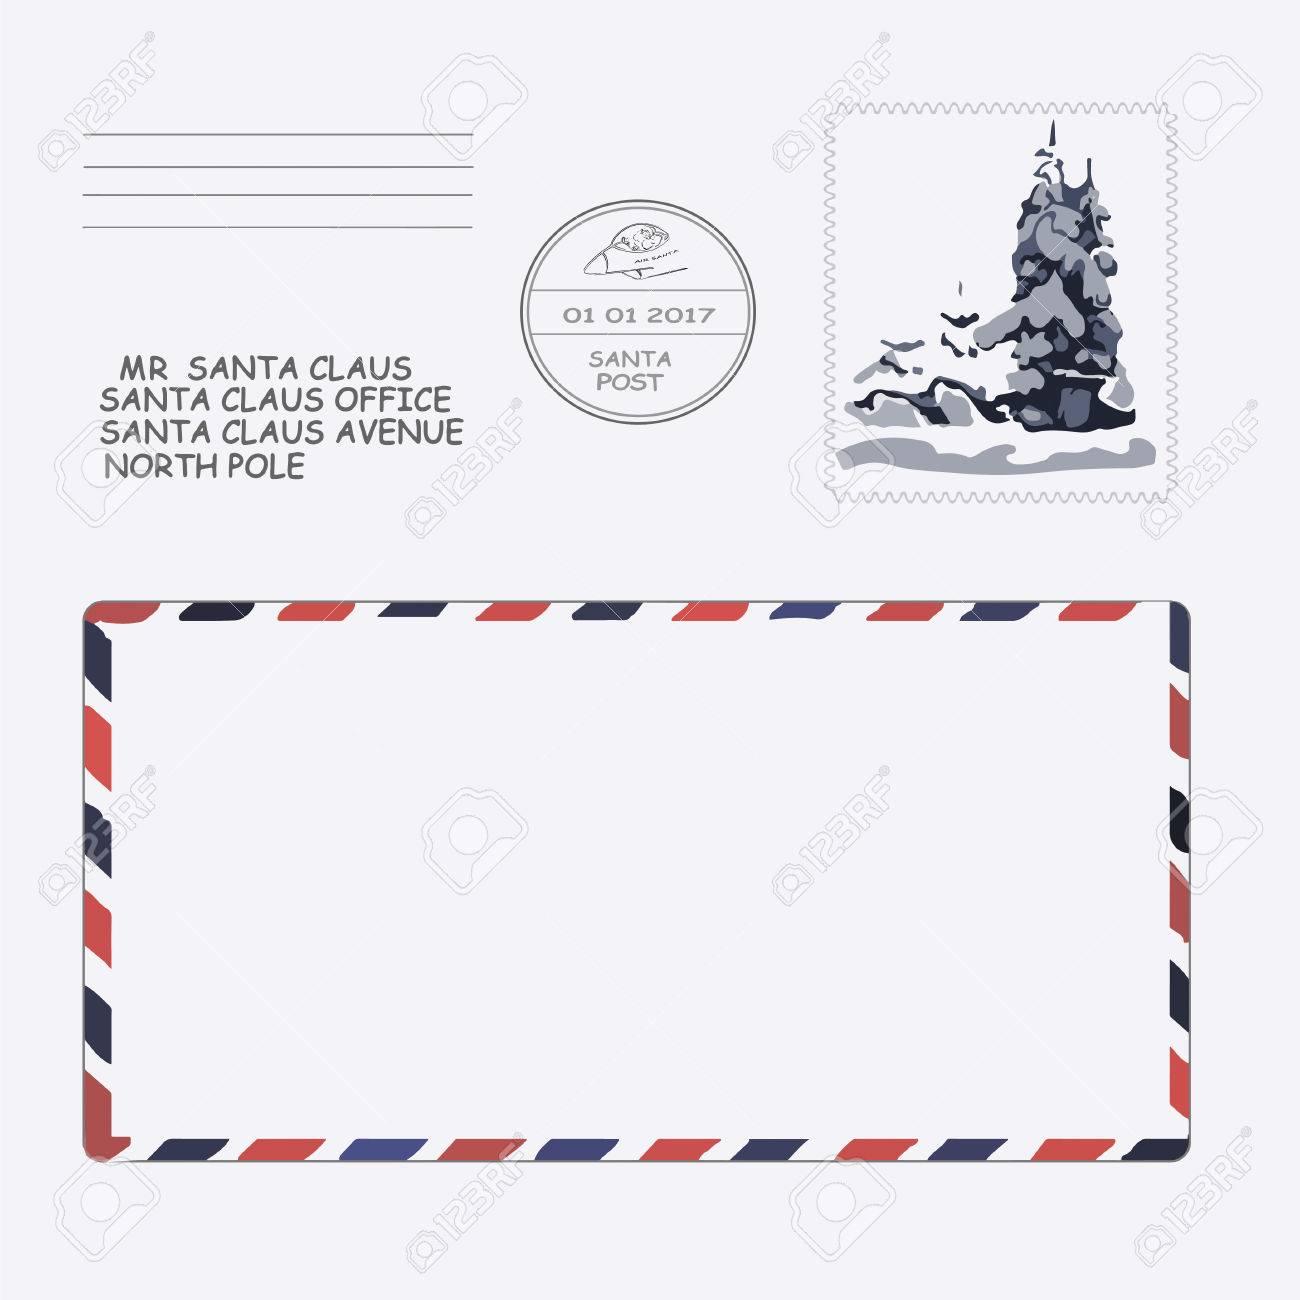 クリスマス サンタ 手紙 テンプレート Paintschainer